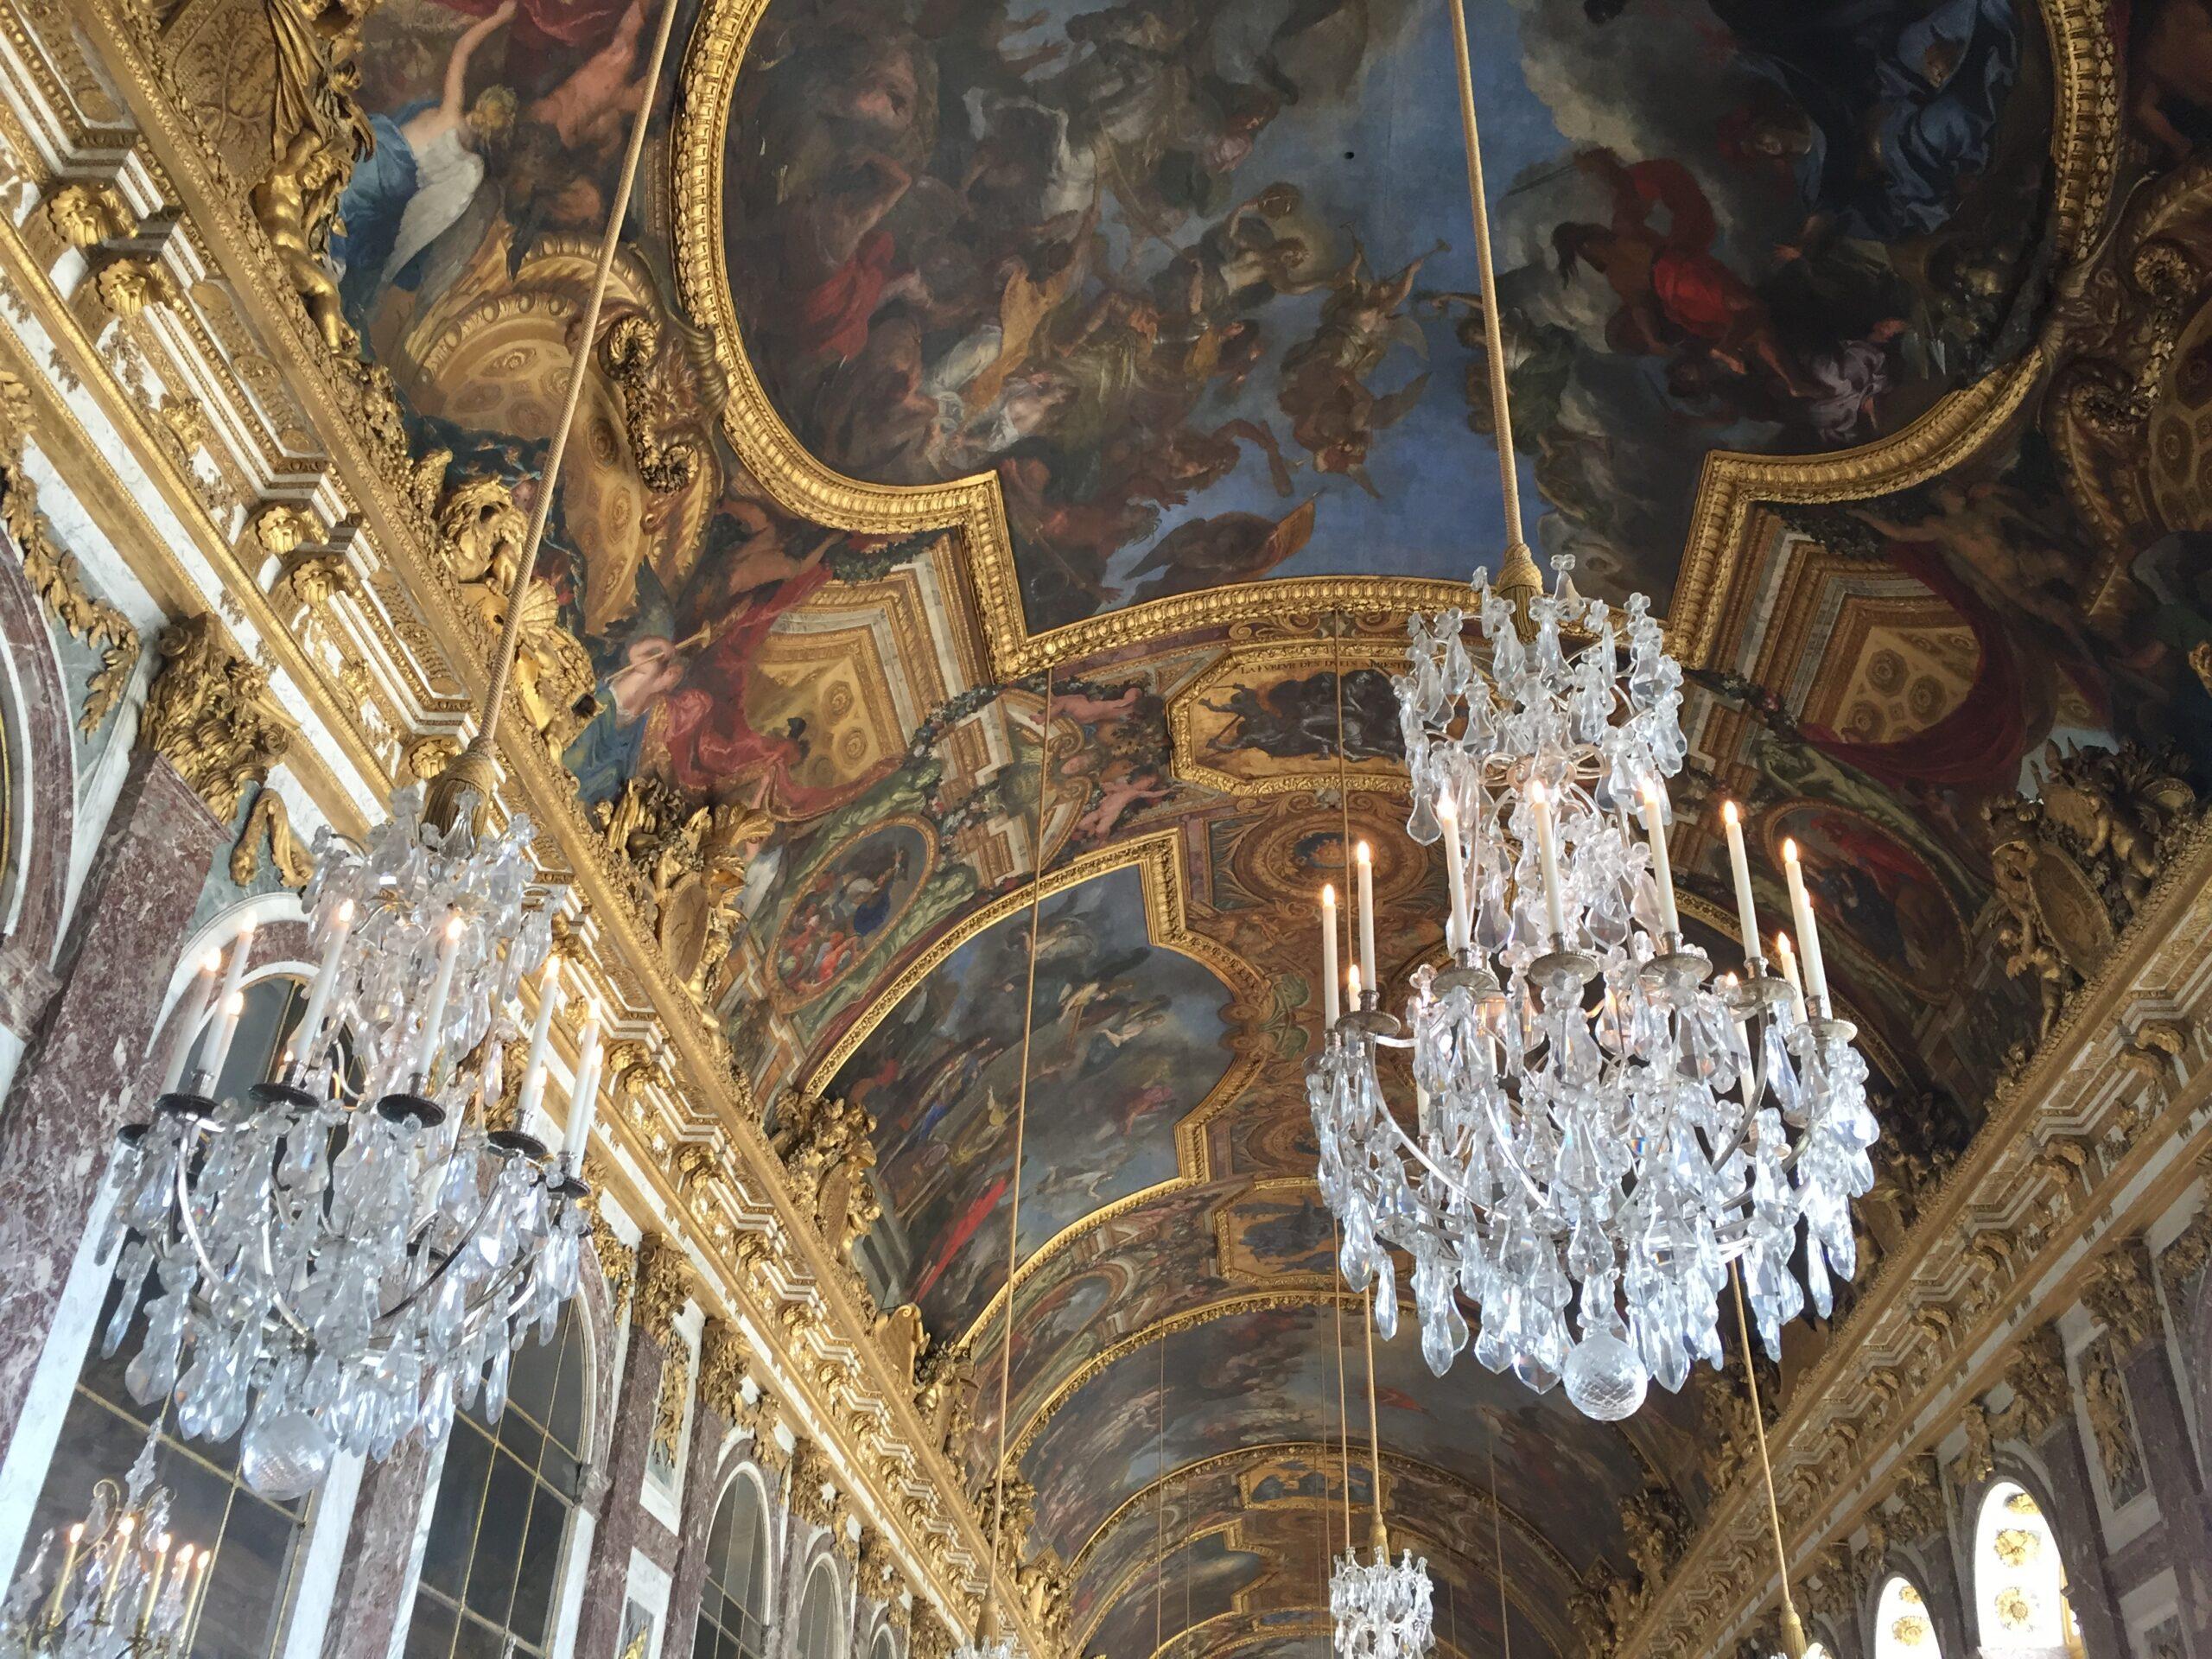 パリ最新情報「バカンスに行けなかった子供たちへ、ヴェルサイユ宮殿からの贈り物」